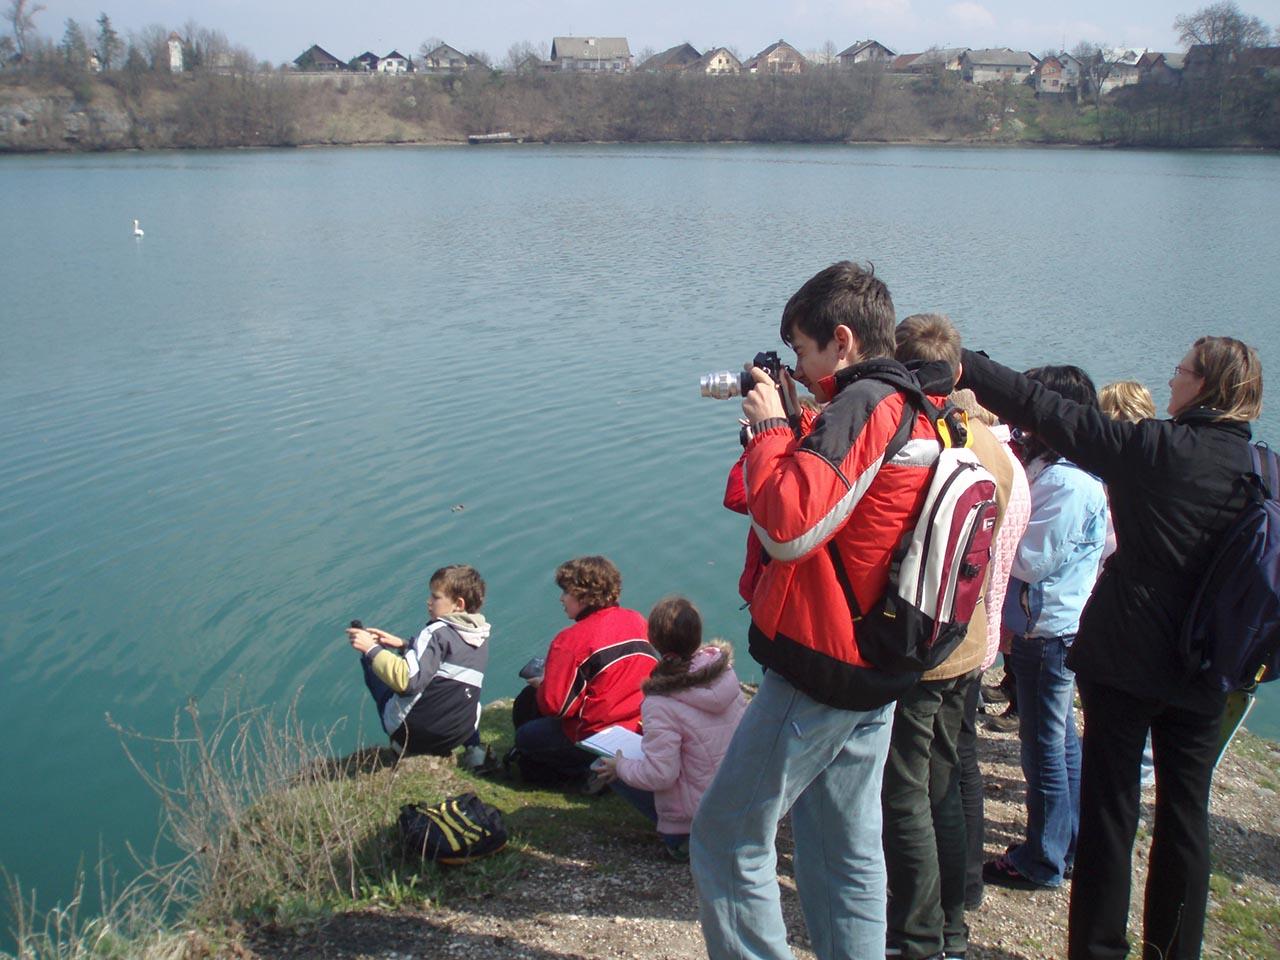 Organiziranje naravoslovnega izobraževanja ter promocija narave Trbojskega jezera